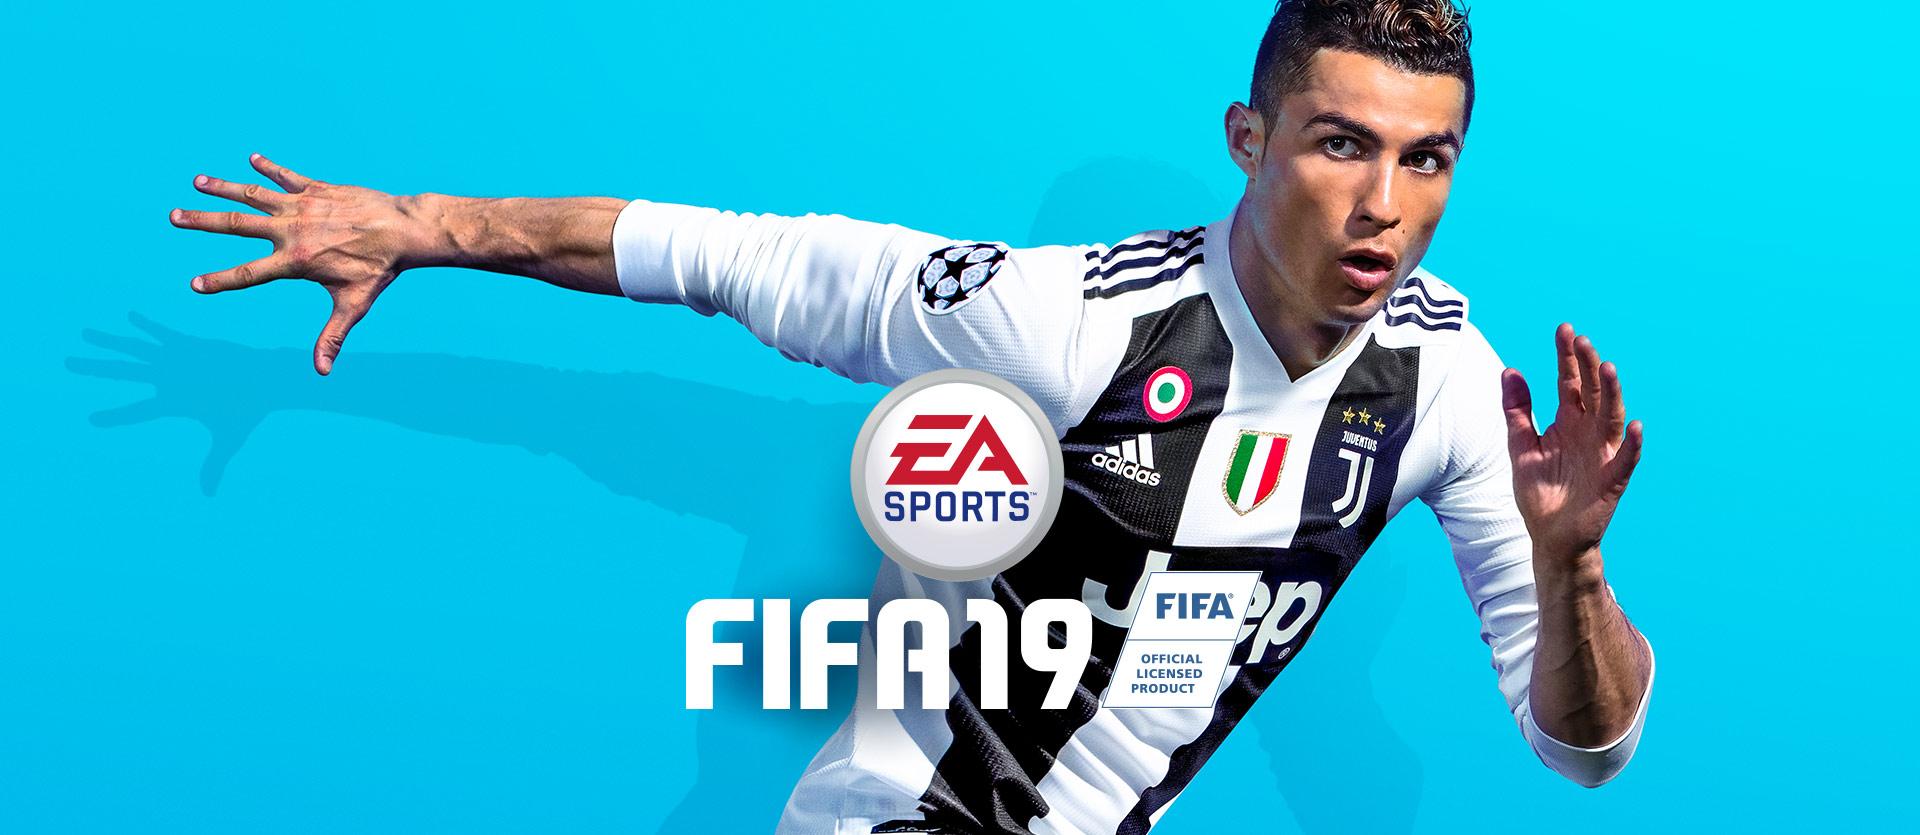 FIFA 19 TÜRK TAKIMLARI İLE OYNADIK! İŞTE YENİLİKLER!